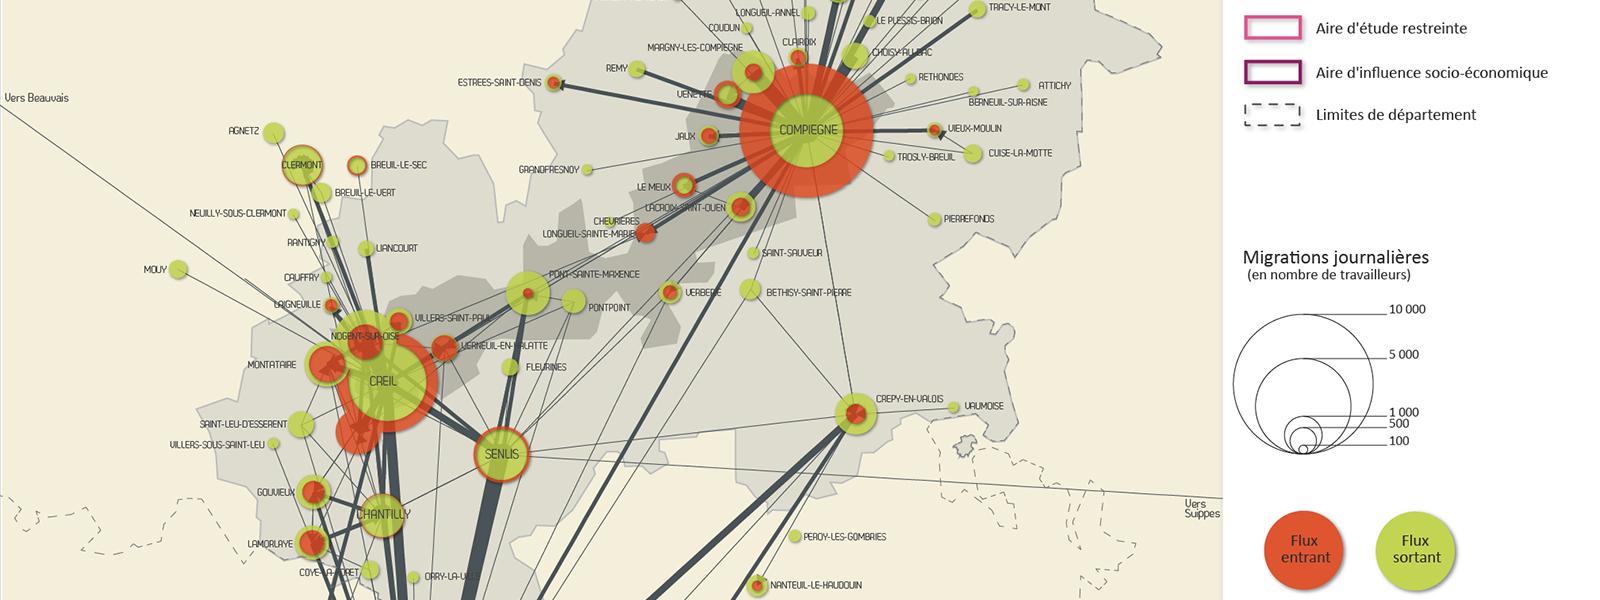 Projet Mageo - Guillaume Sciaux - Cartographe professionnel